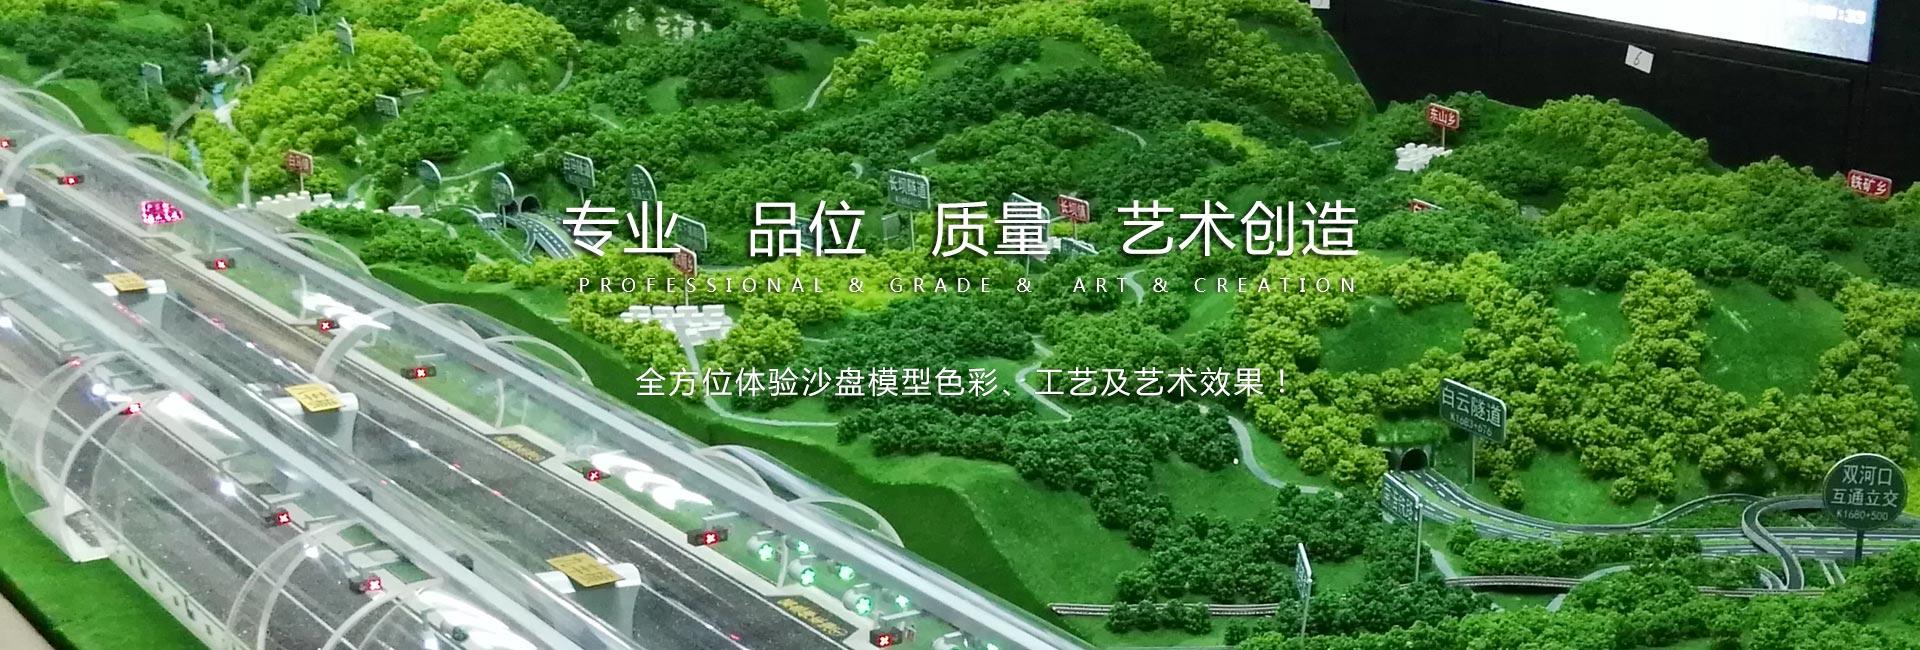 重庆雷竞技下载雷竞技官网app设计公司